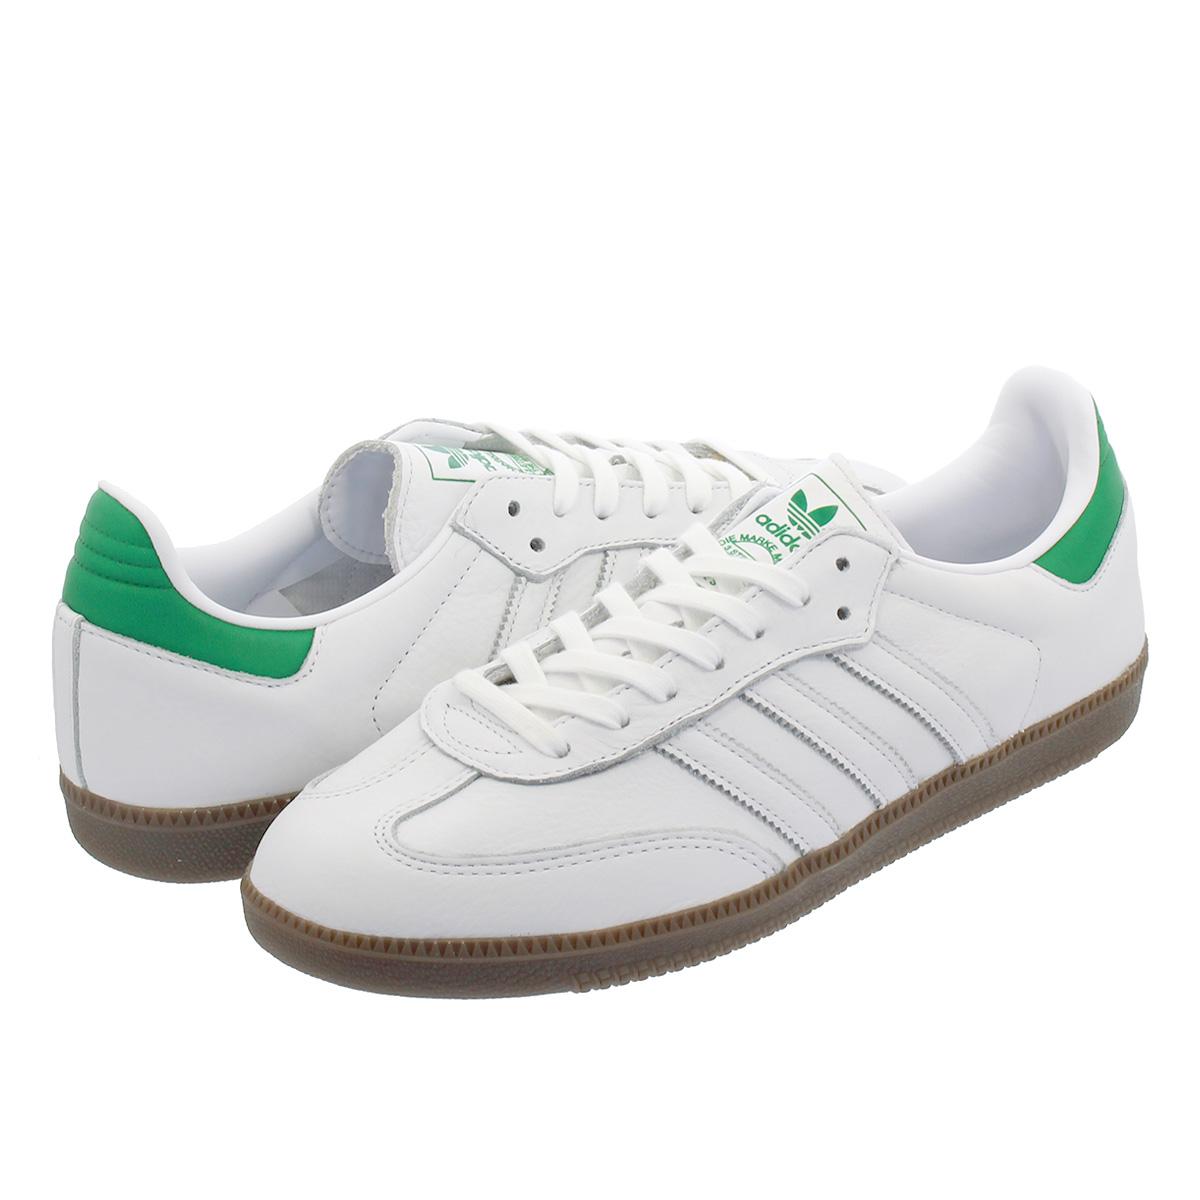 adidas samba og shoes white off 51